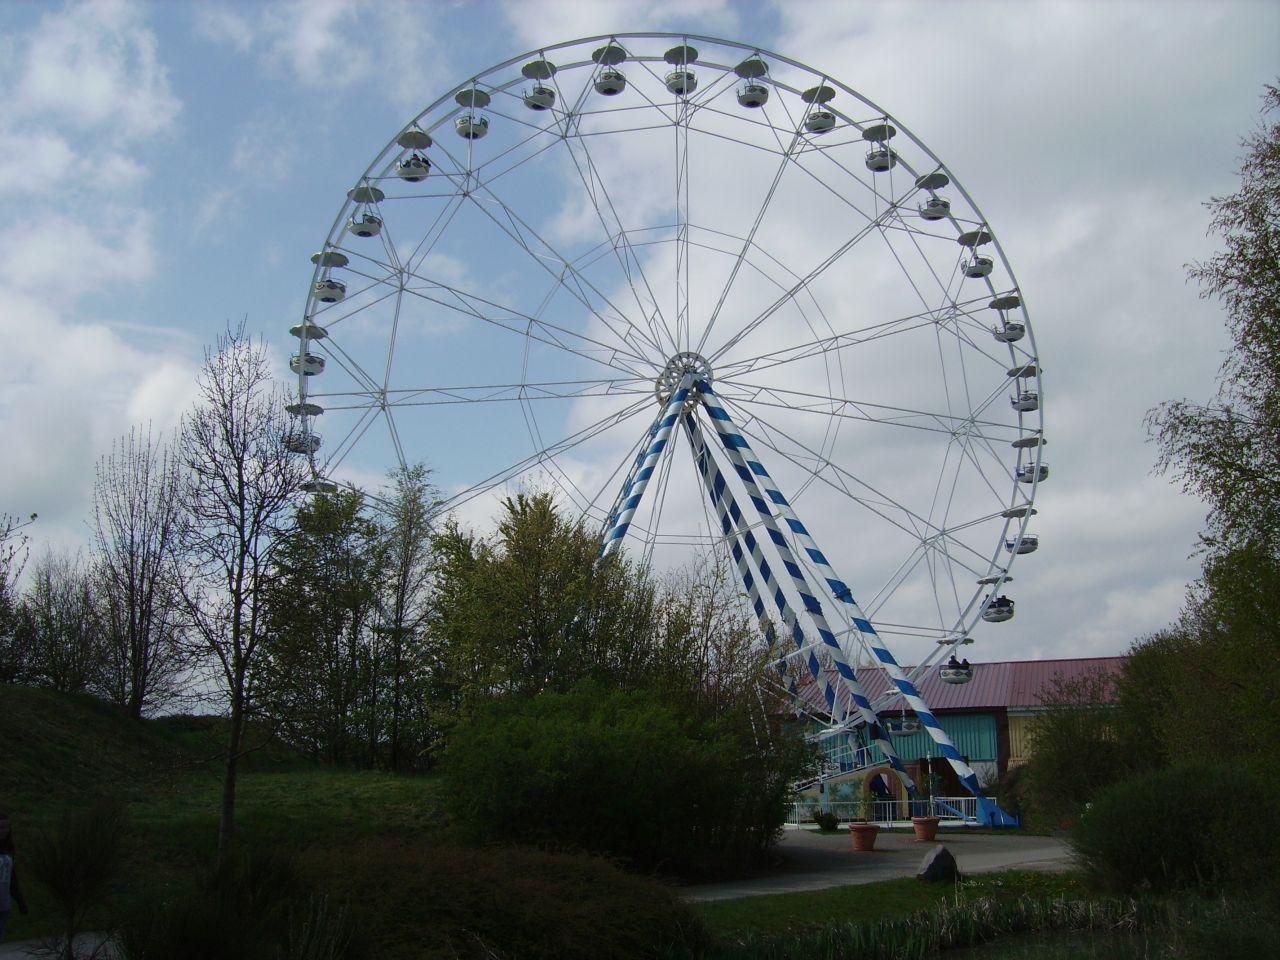 Riesenrad Skyline Park